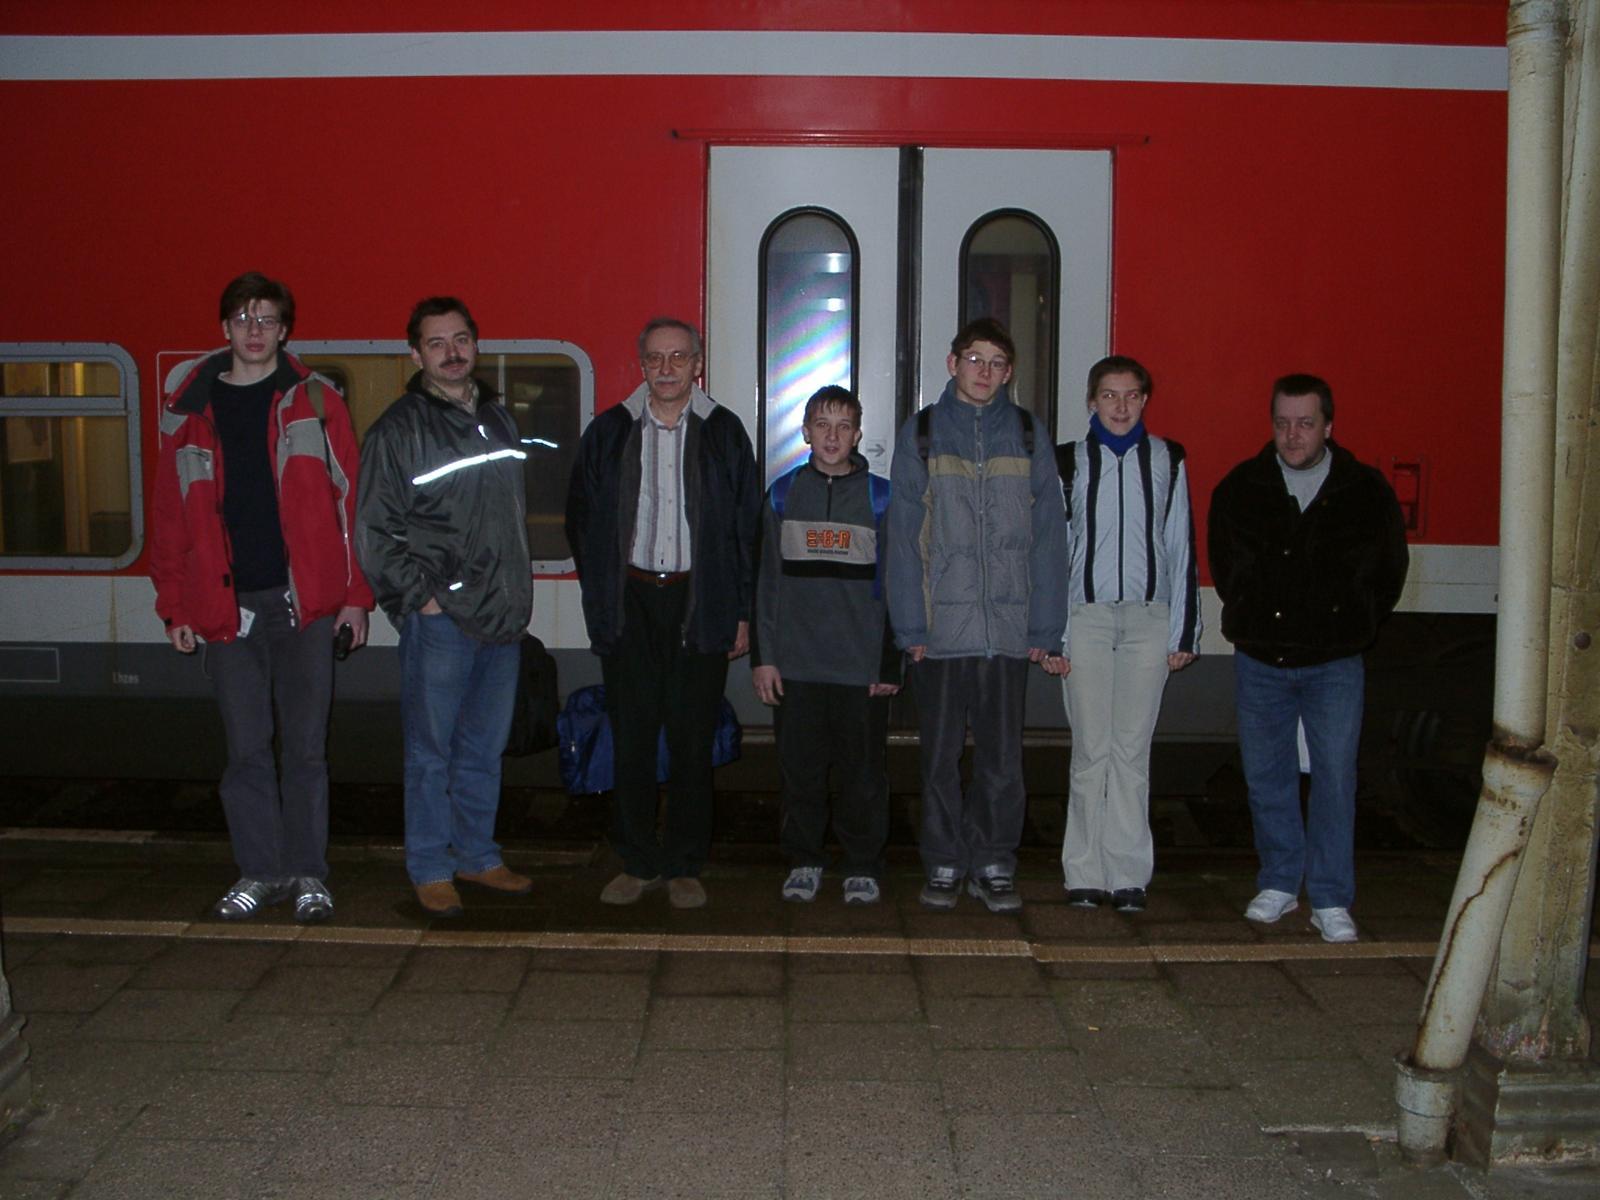 Maenner 2. Rd. 2003-04 Bergen